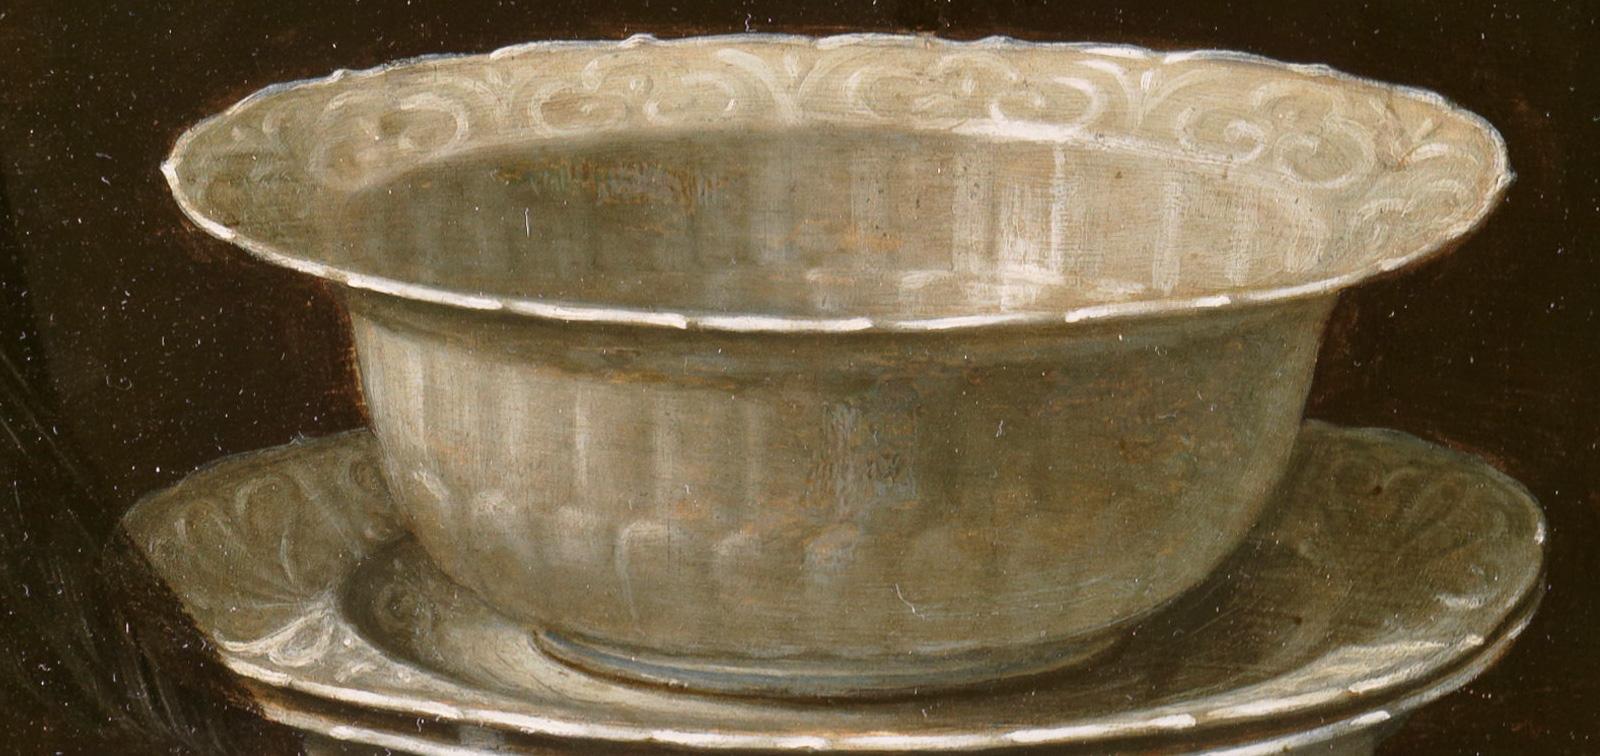 Porcelana china en la pintura del Museo del Prado